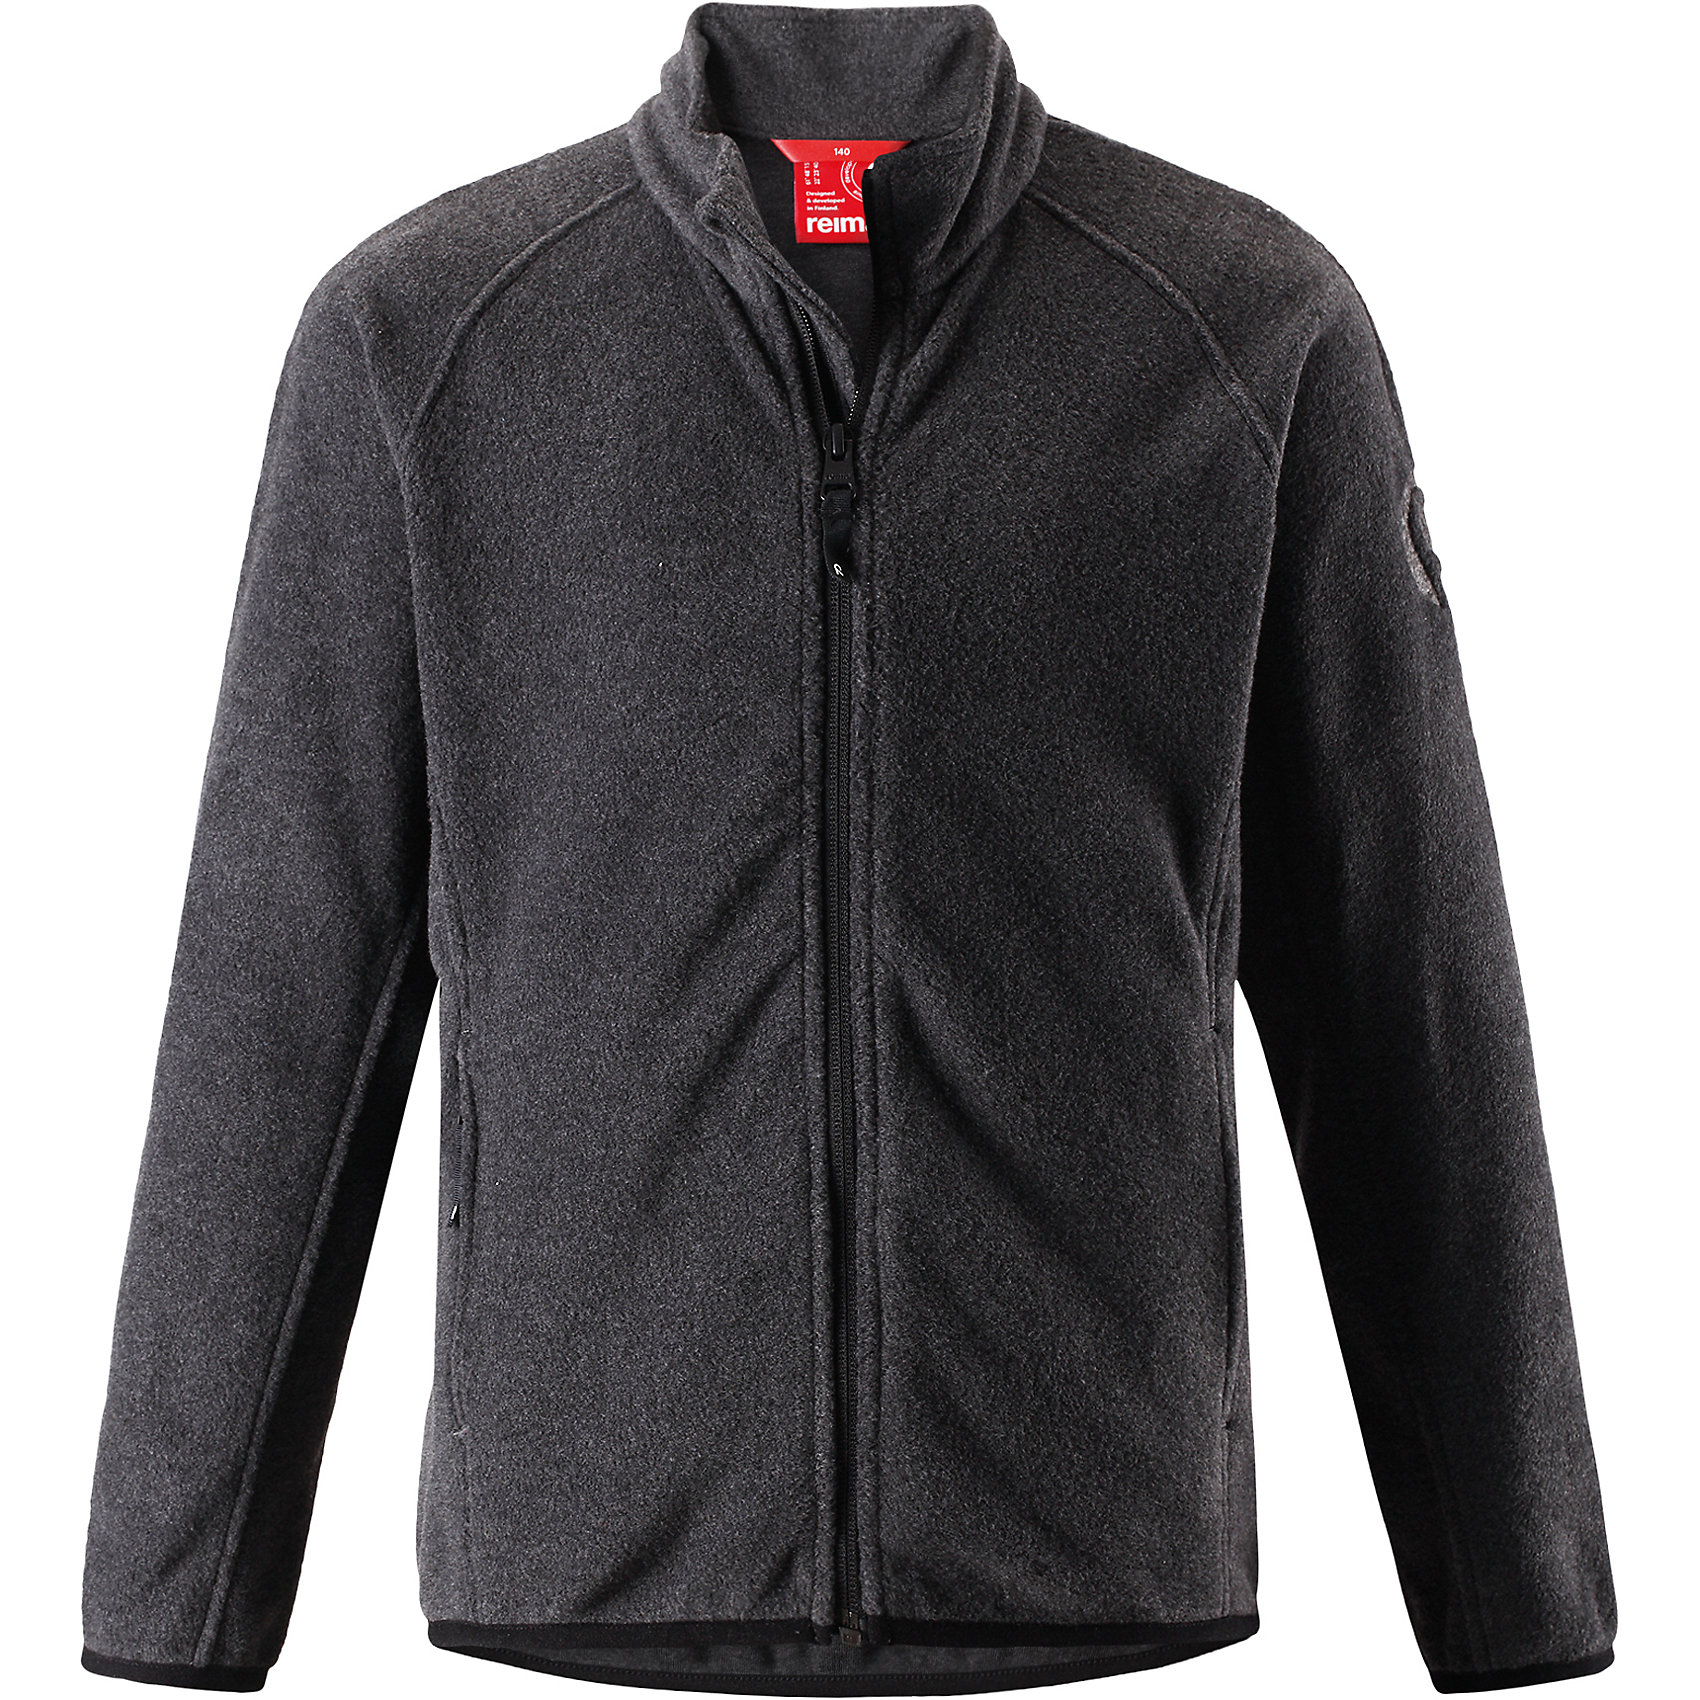 Свитер Reima Riddle для мальчикаФлис и термобелье<br>Характеристики товара:<br><br>• цвет: черный;<br>• состав: 100% полиэстер; <br>• сезон: демисезон;<br>• выводит влагу в верхние слои одежды;<br>• теплый, легкий и быстросохнущий флис;<br>• эластичные манжеты и подол;<br>• молния по всей длине с защитой подбородка;<br>• два кармана на молнии;<br>• страна бренда: Финляндия;<br>• страна изготовитель: Китай;<br><br>Эта детская флисовая куртка сшита из необыкновенно легкого и теплого микрофлиса. Материал идеально подходит для зимних активных забав, поскольку эффективно выводит влагу от кожи в верхние слои одежды и быстро сохнет. Дышащий материал не парит, сколько ни бегай. Защита для подбородка на молнии обеспечивает дополнительный комфорт и не дает поцарапаться об зубчики. Куртка украшена горячим тиснением и снабжена двумя карманами на молнии, а также эластичным подолом и манжетами.<br><br>Флисовую кофту Reima Riddle для мальчика (Рейма) можно купить в нашем интернет-магазине.<br><br>Ширина мм: 190<br>Глубина мм: 74<br>Высота мм: 229<br>Вес г: 236<br>Цвет: серый<br>Возраст от месяцев: 48<br>Возраст до месяцев: 60<br>Пол: Мужской<br>Возраст: Детский<br>Размер: 110,104,164,158,152,146,140,134,128,122,116<br>SKU: 6906341